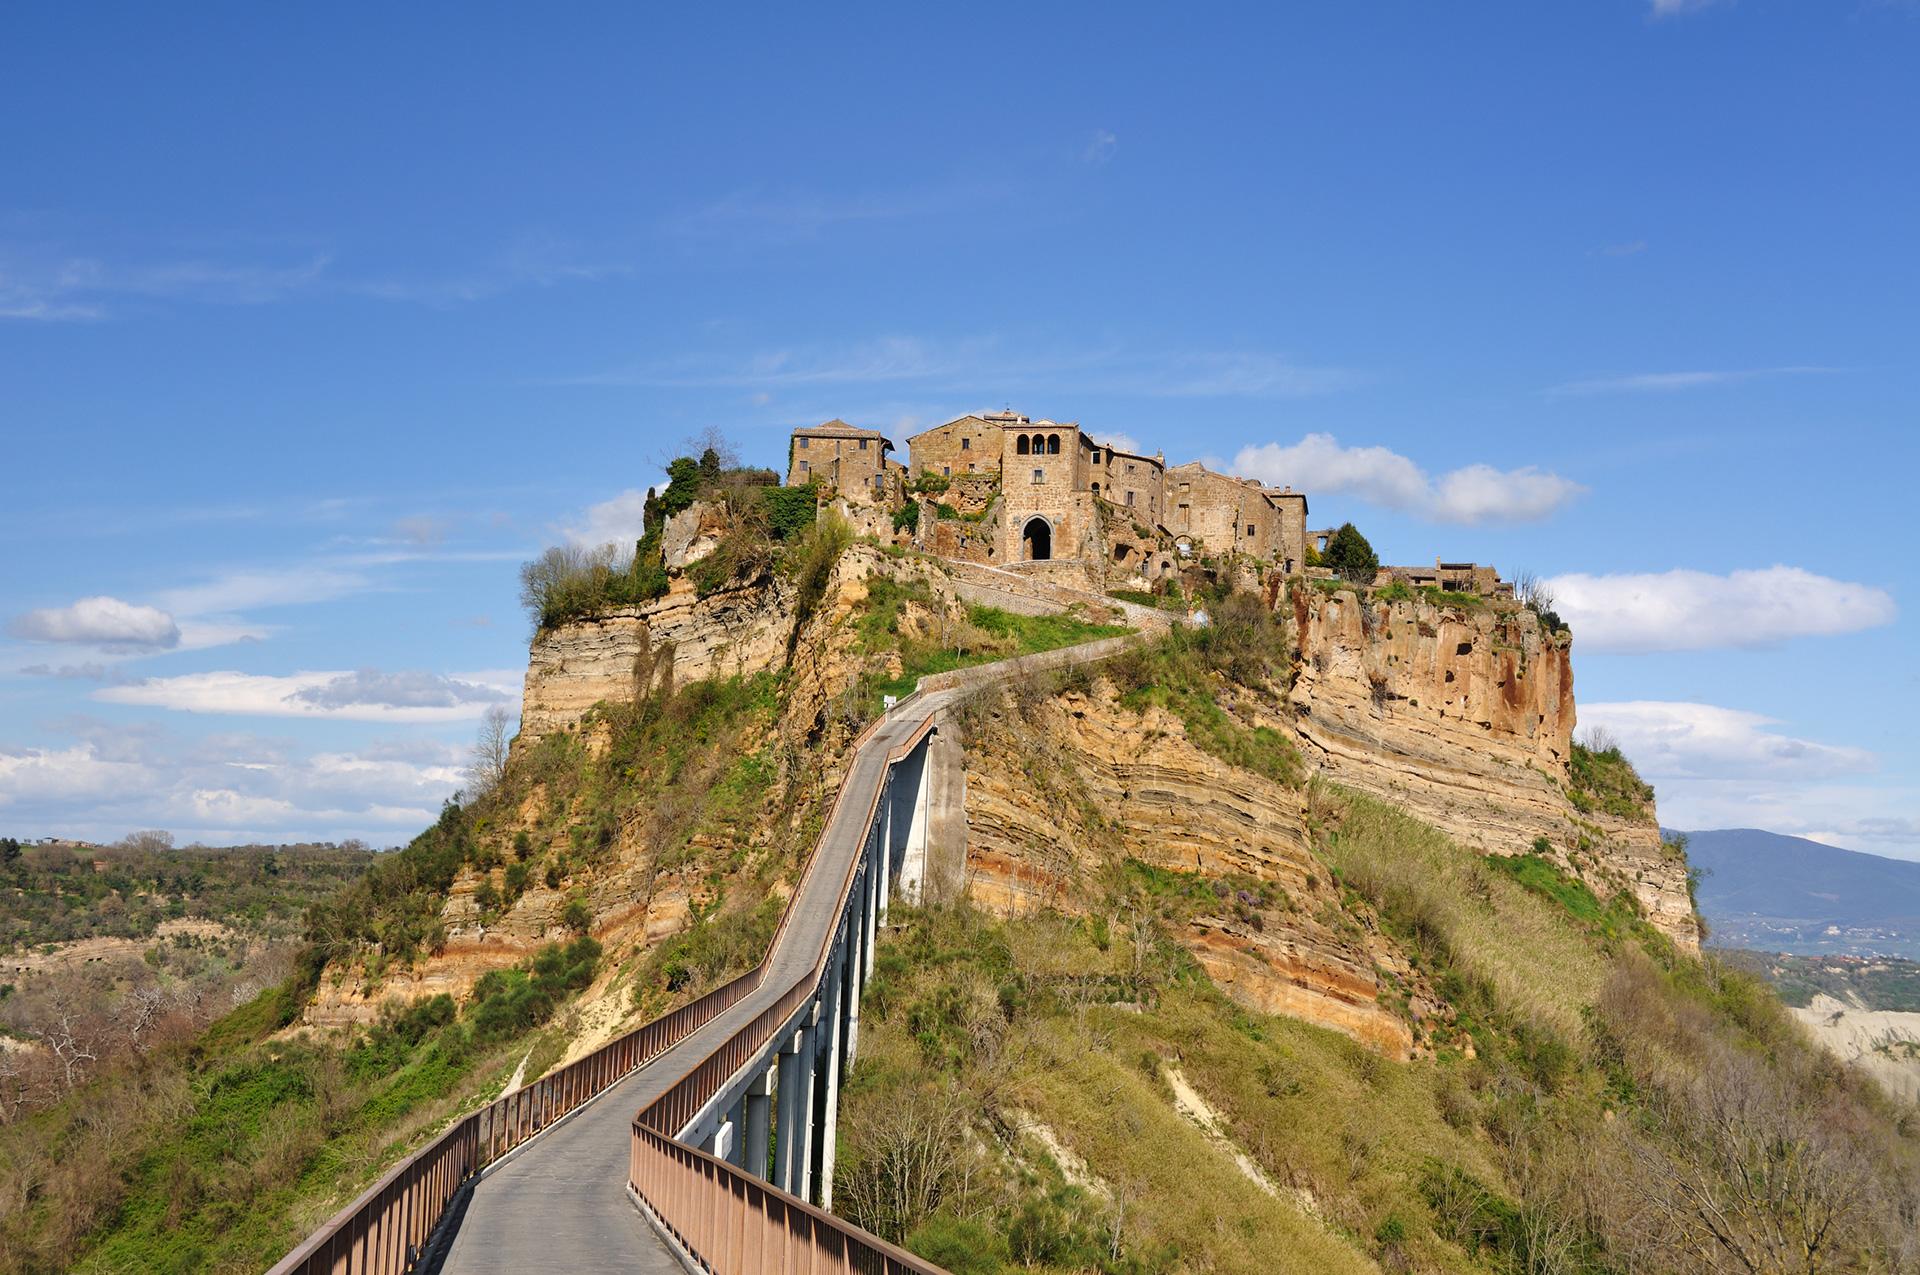 意大利罗马出发-白露里治奥古城(天空之城)、博赛纳湖一天游